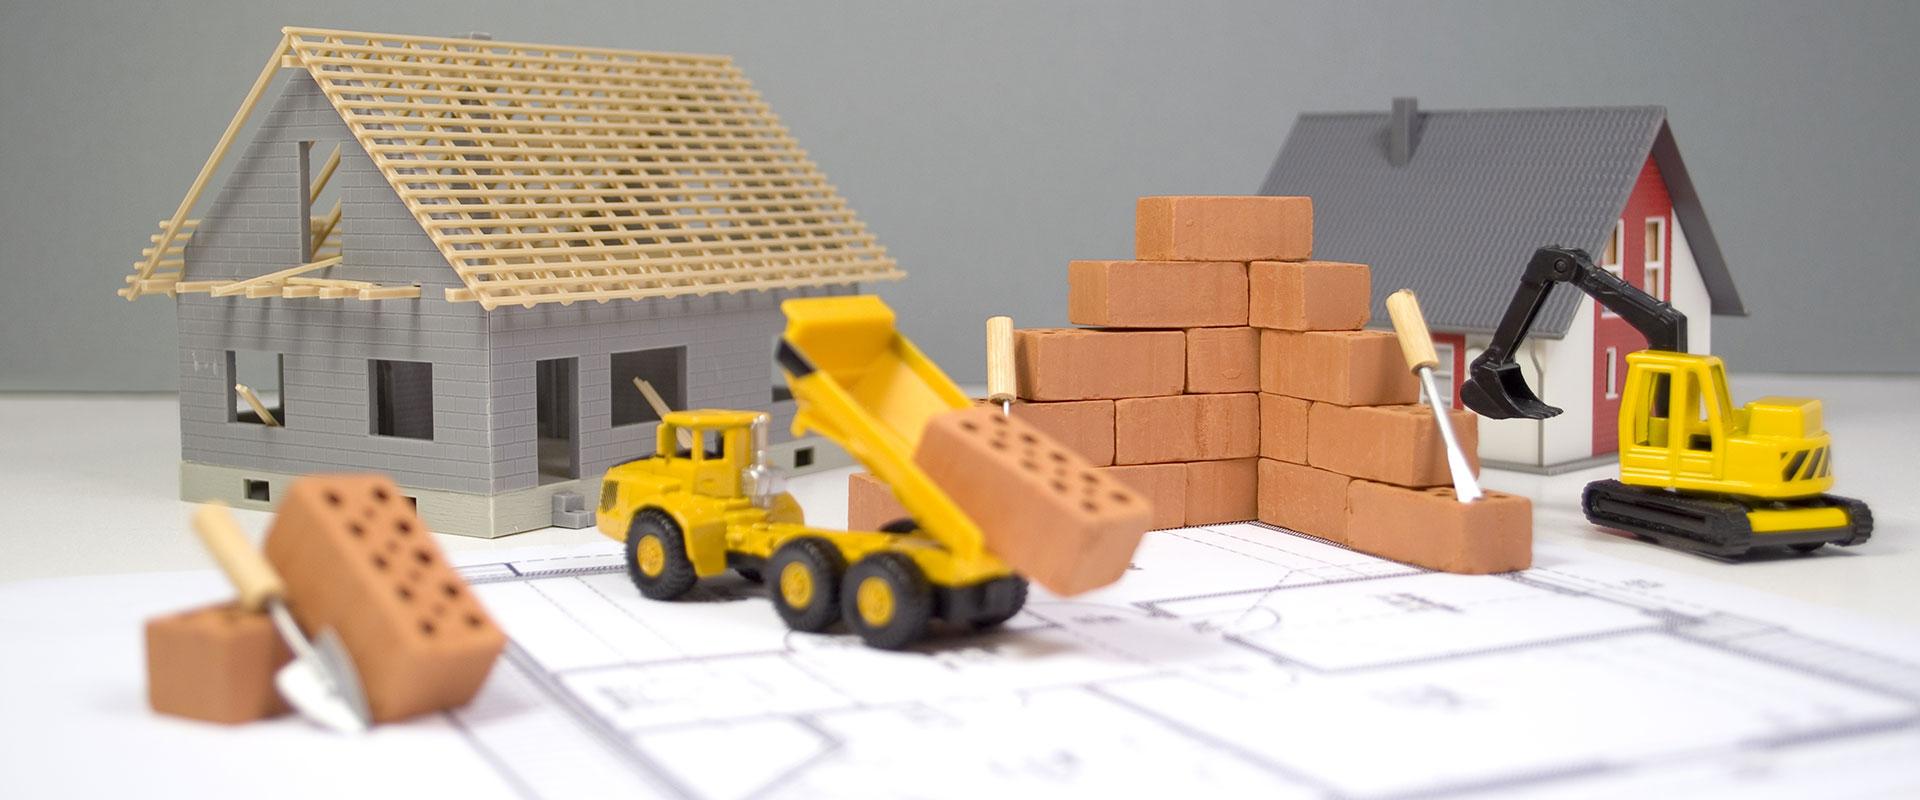 Abbildung Modellhaus und Minibagger